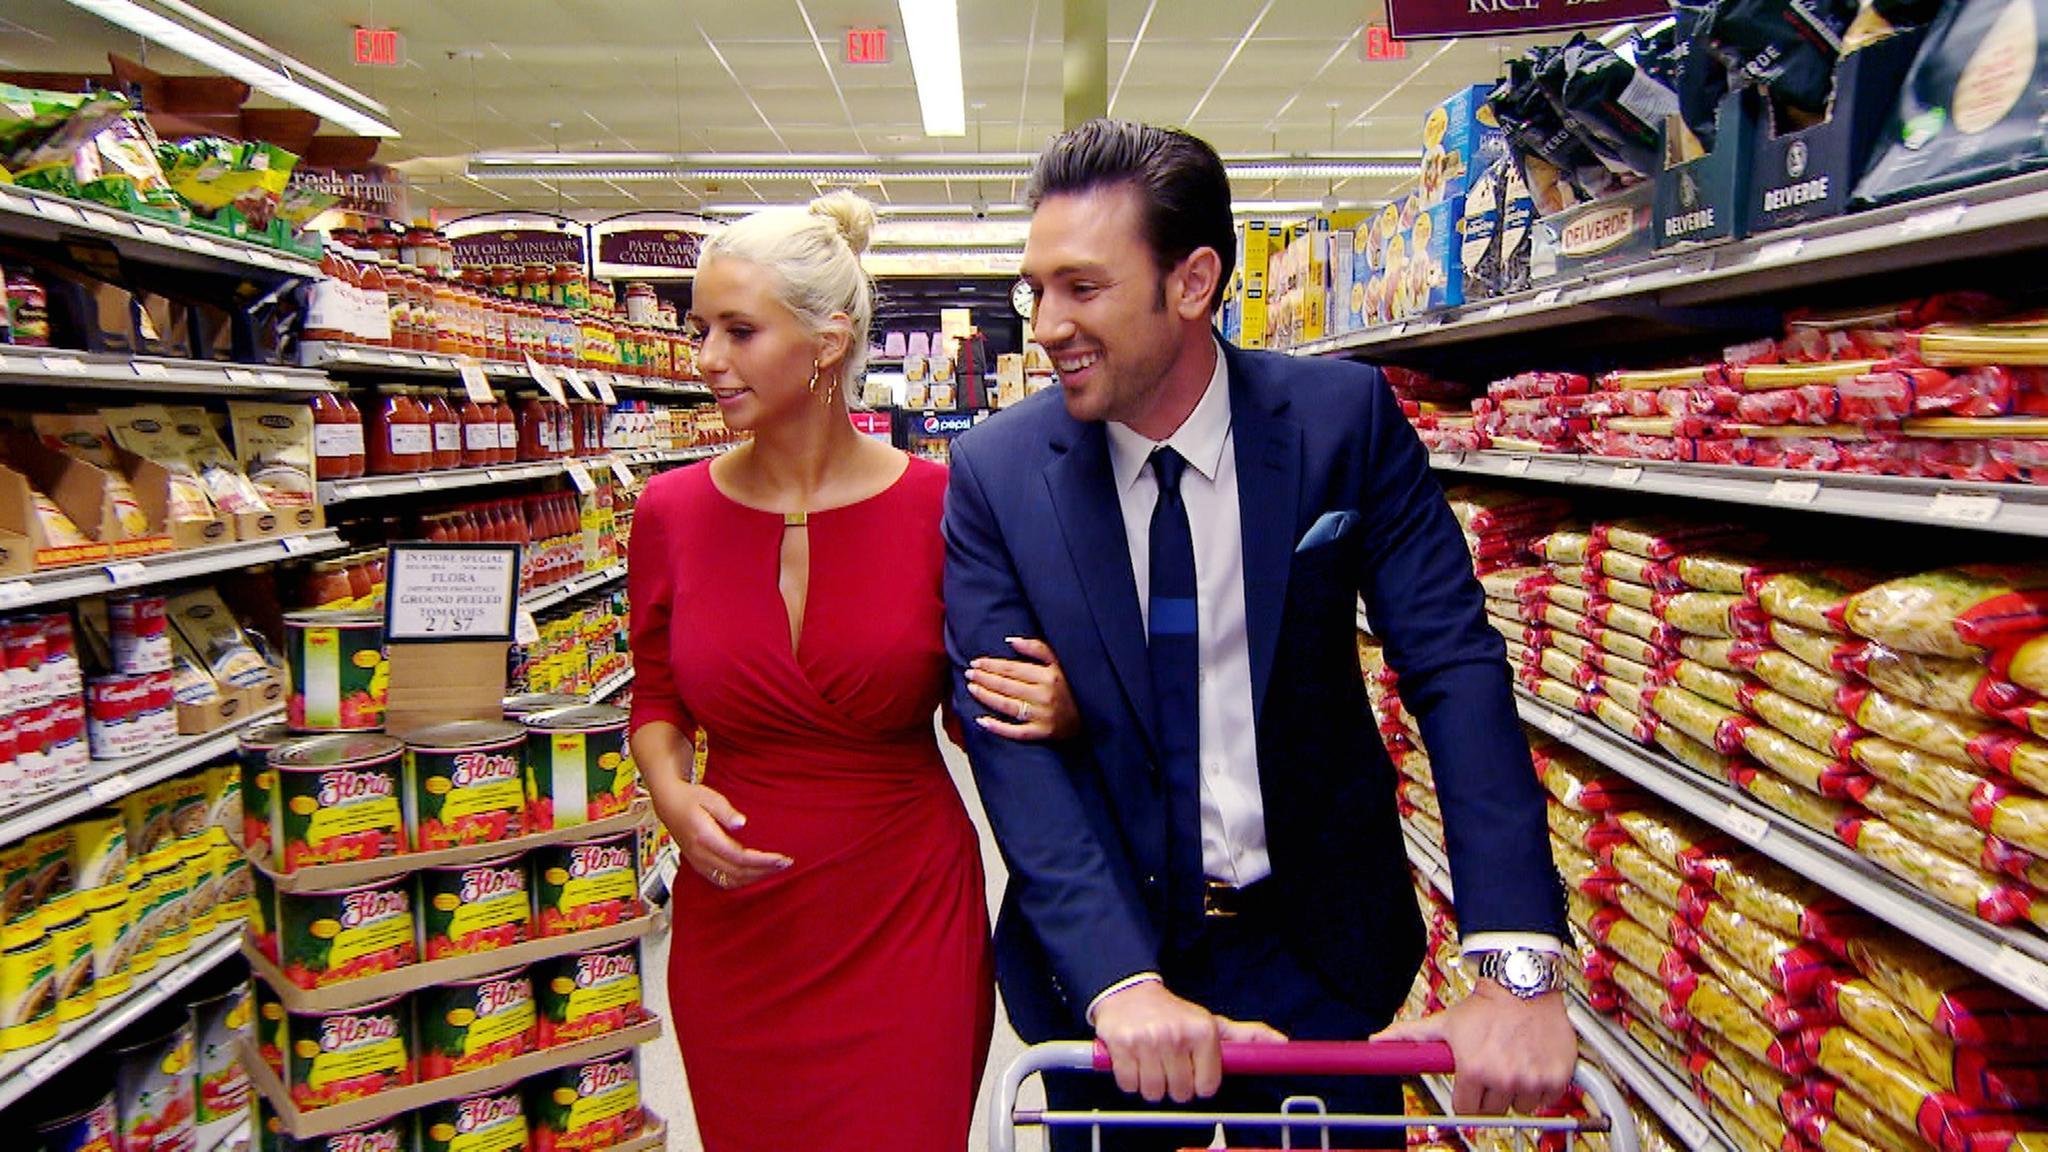 Carina + Daniel schlendern Arm in Arm durch den Supermarkt